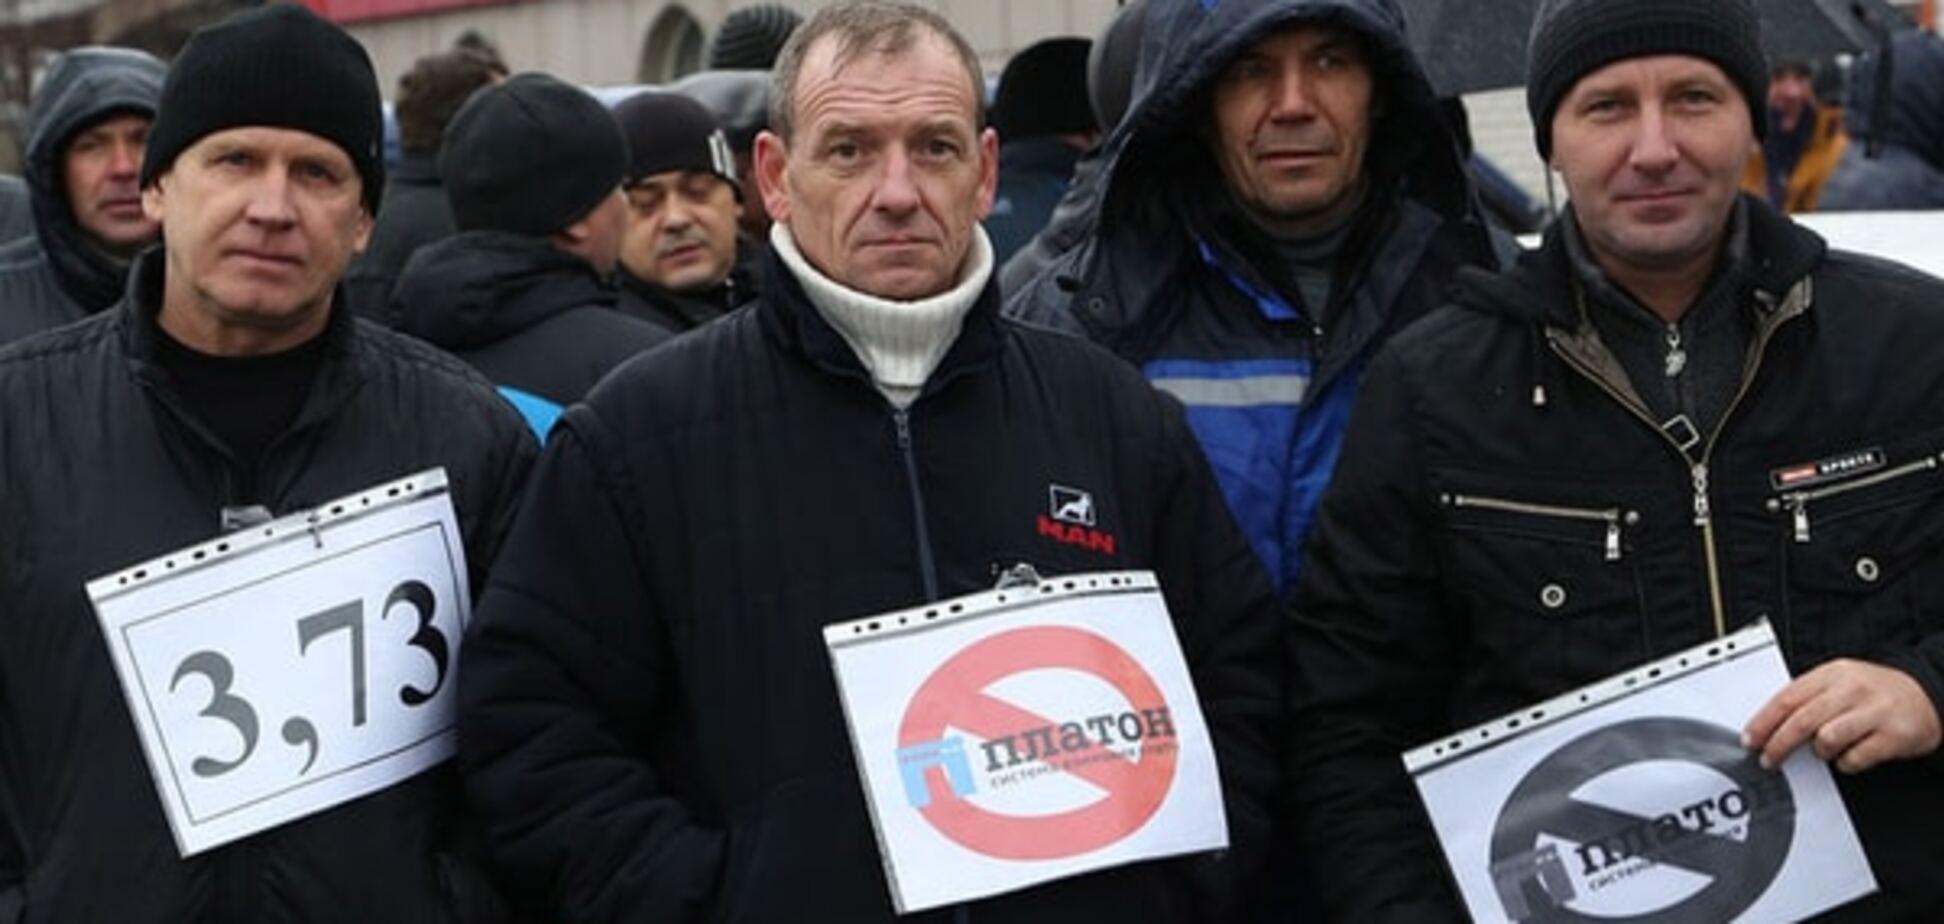 Протесты в России: дальнобойщики из Петербурга заявили о походе на Москву